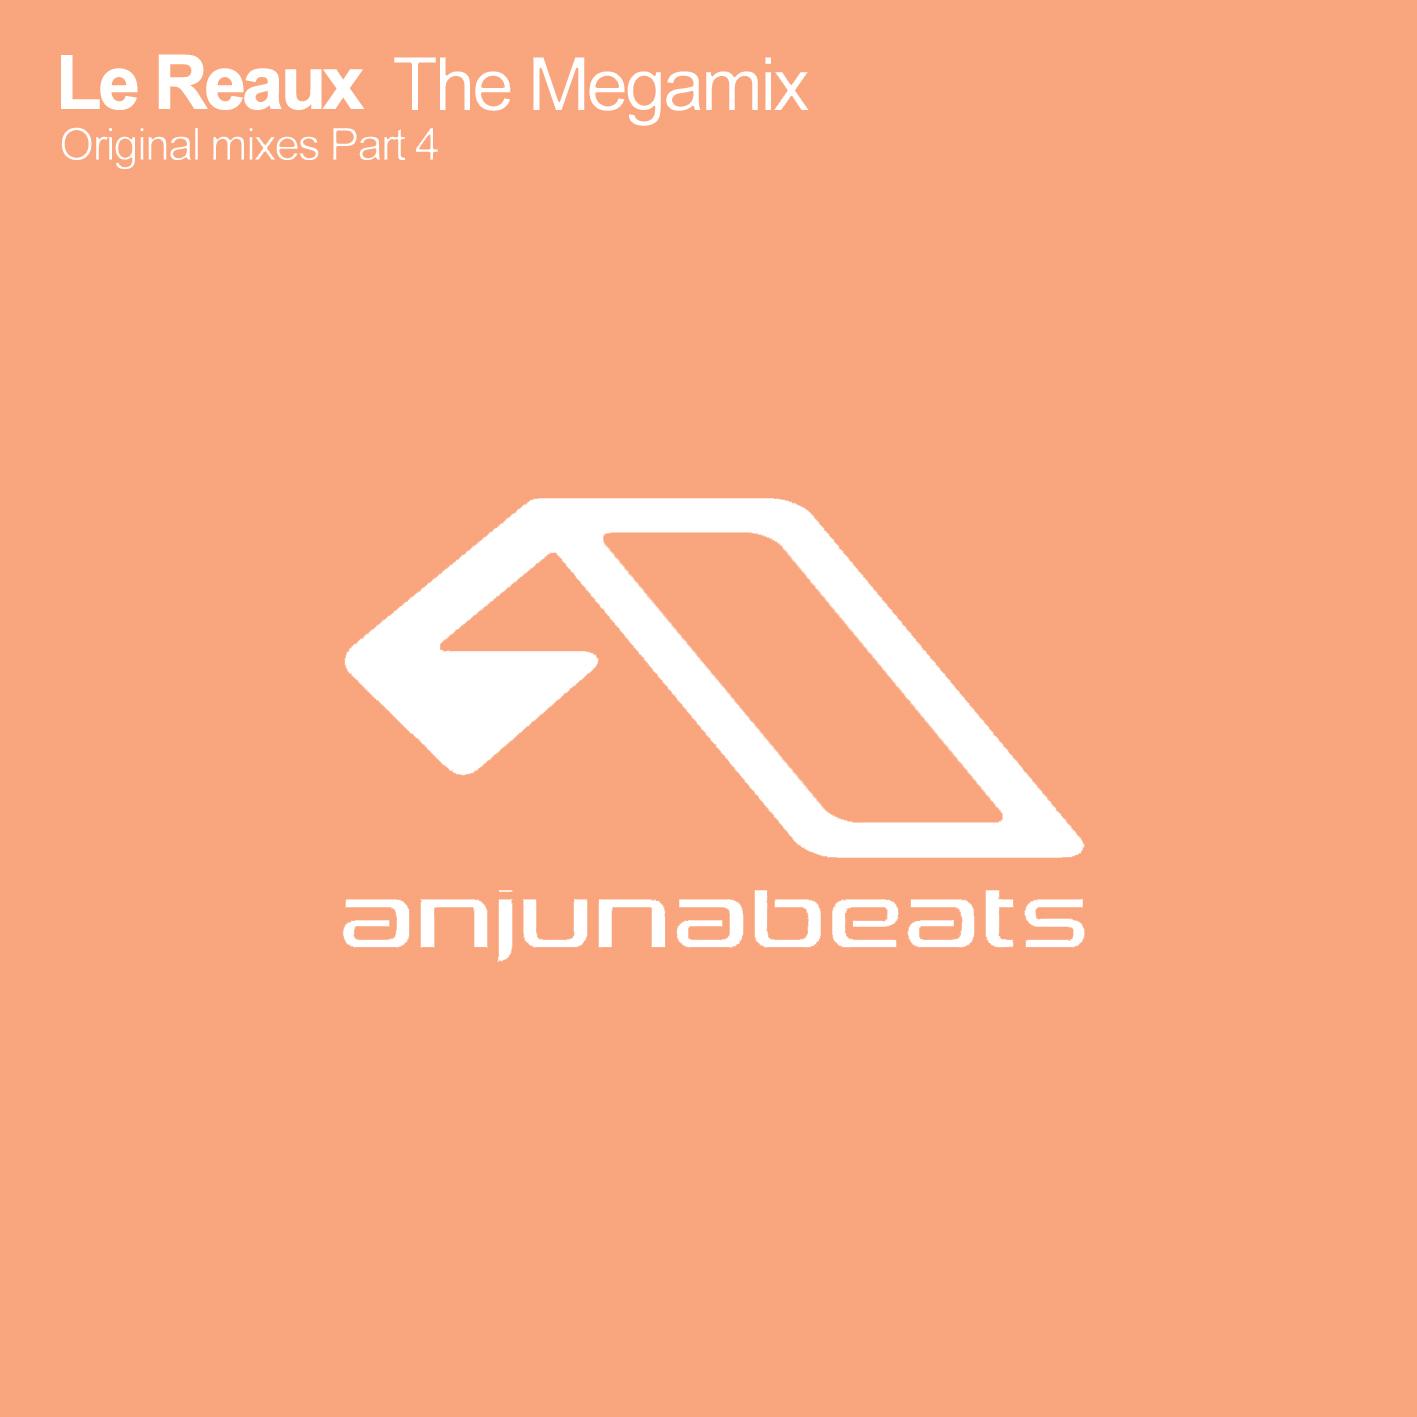 Le Reaux Presents The Best Of Anjunabeats Part 4 Lereaux